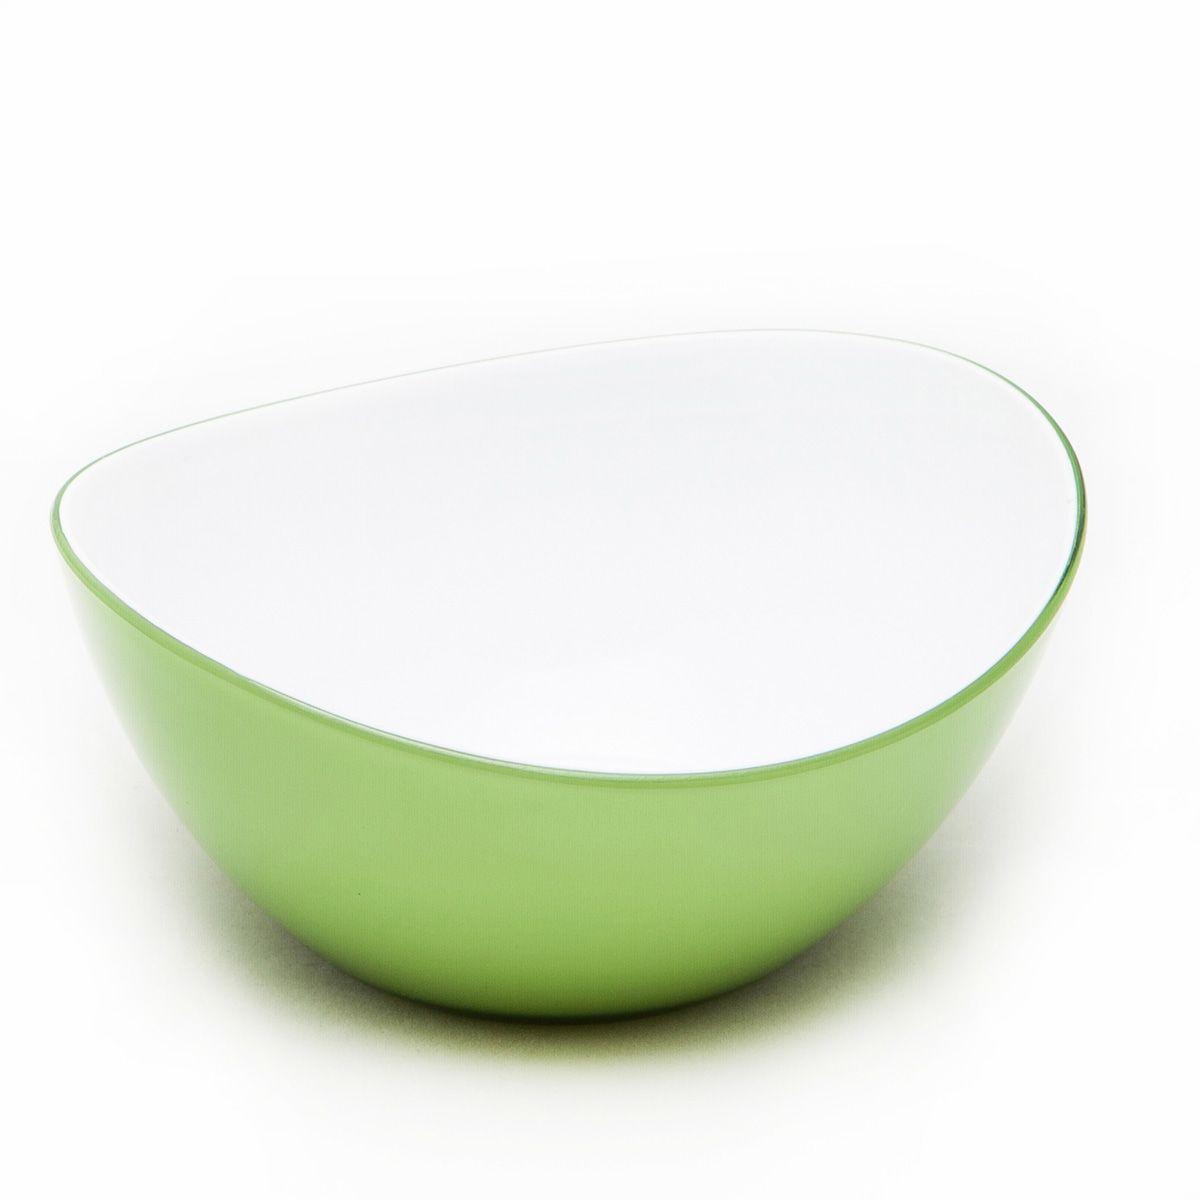 Миска MoulinVilla, цвет: зеленый, длина 16 смL-16GМиска компании Moulinvilla изготовлена из высококачественного акрила. Благодаря оригинальному и привлекательному дизайну выполняет не только практичную, но и декоративную функцию. Белый цвет внутренней поверхности и сочный, интенсивный цвет снаружи отлично контрастируют. В ней можно сервировать салаты, фрукты, закуски, десерты, печенье, сладости и т.д. Состав: Акрил. Можно мыть в посудомоечной машине.